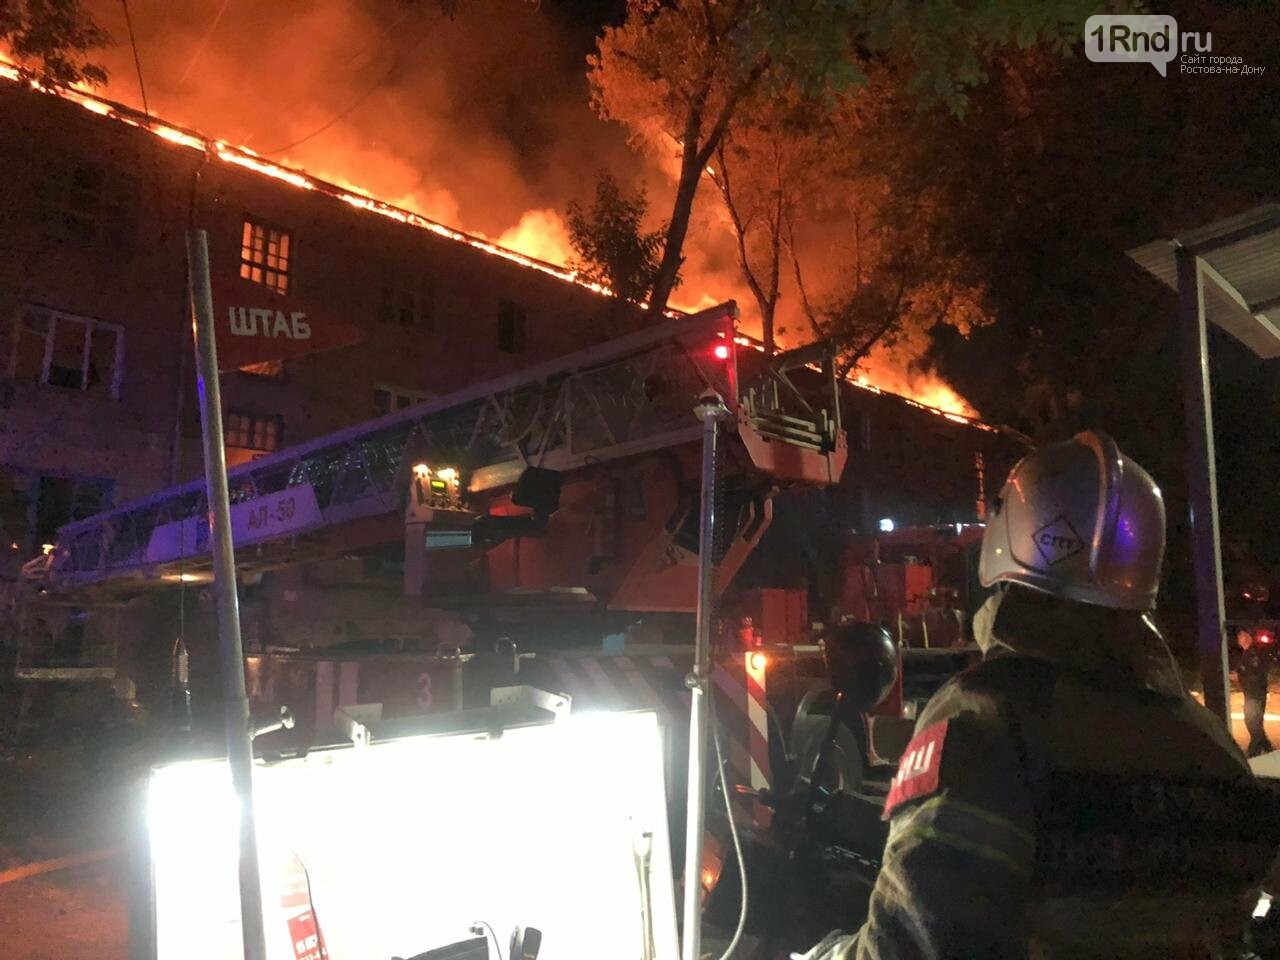 В центре Ростова тушат крупный пожар в аварийном здании, фото-1